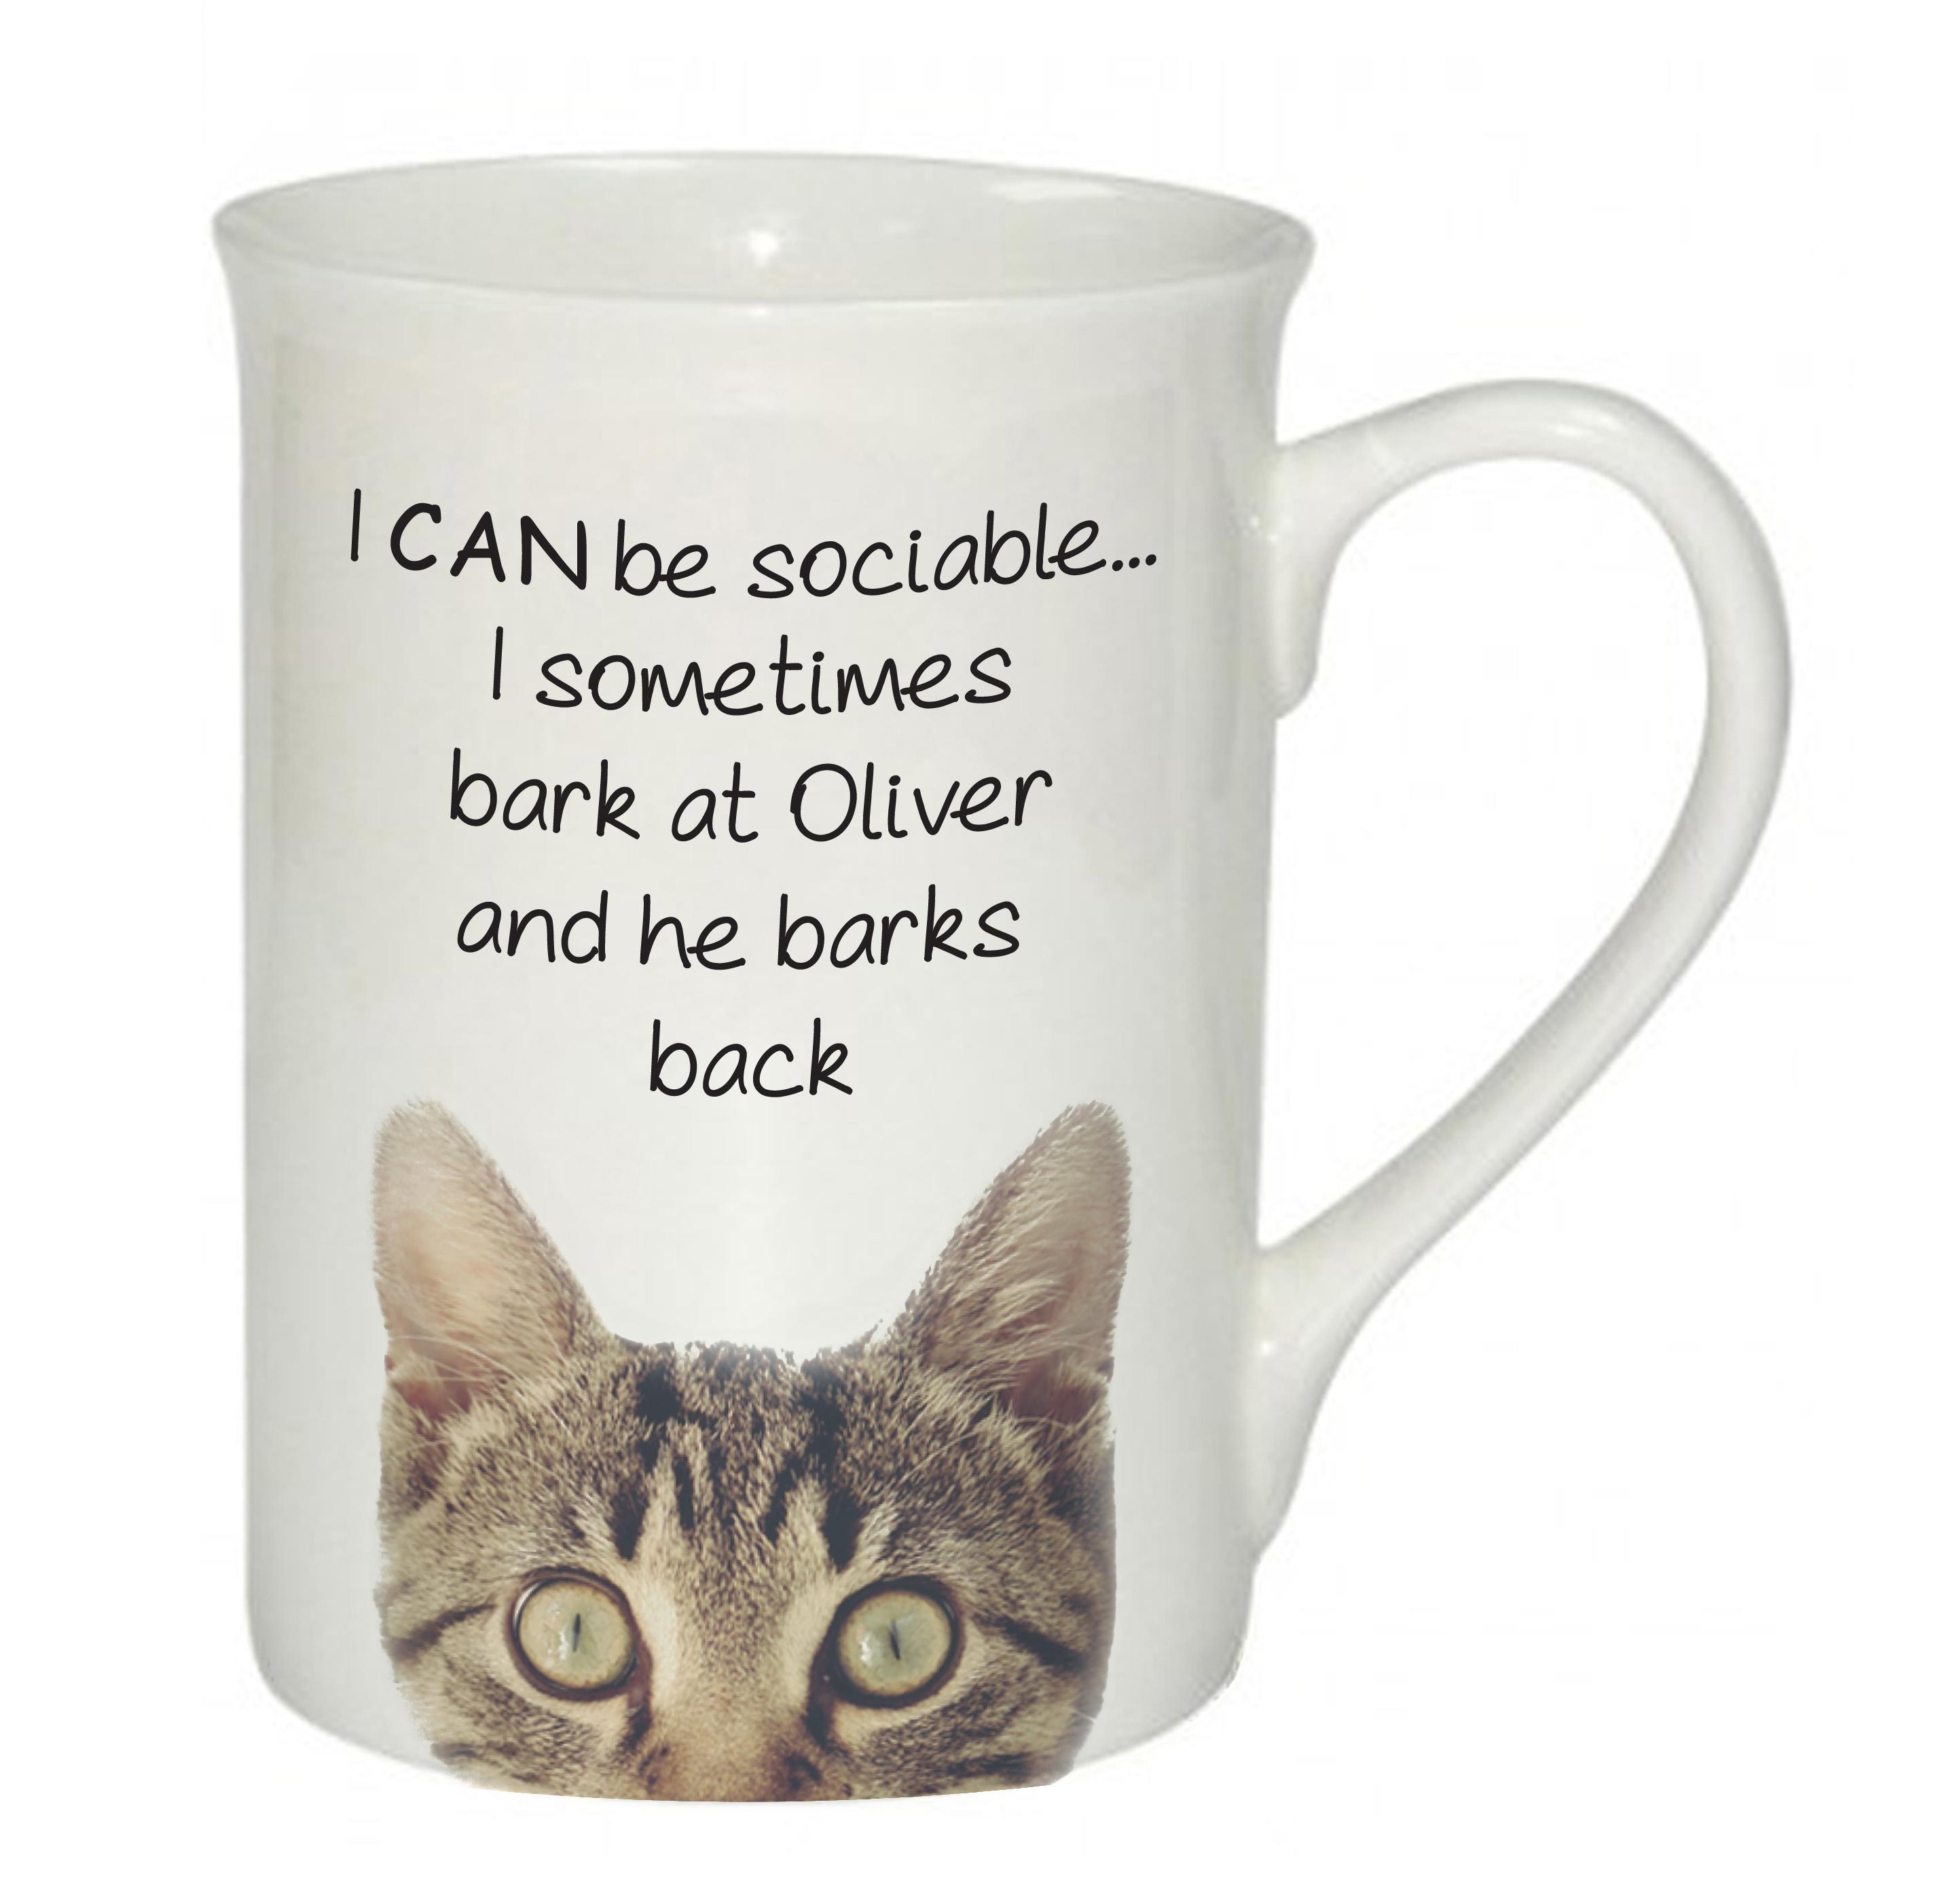 Sociable Cat Mug